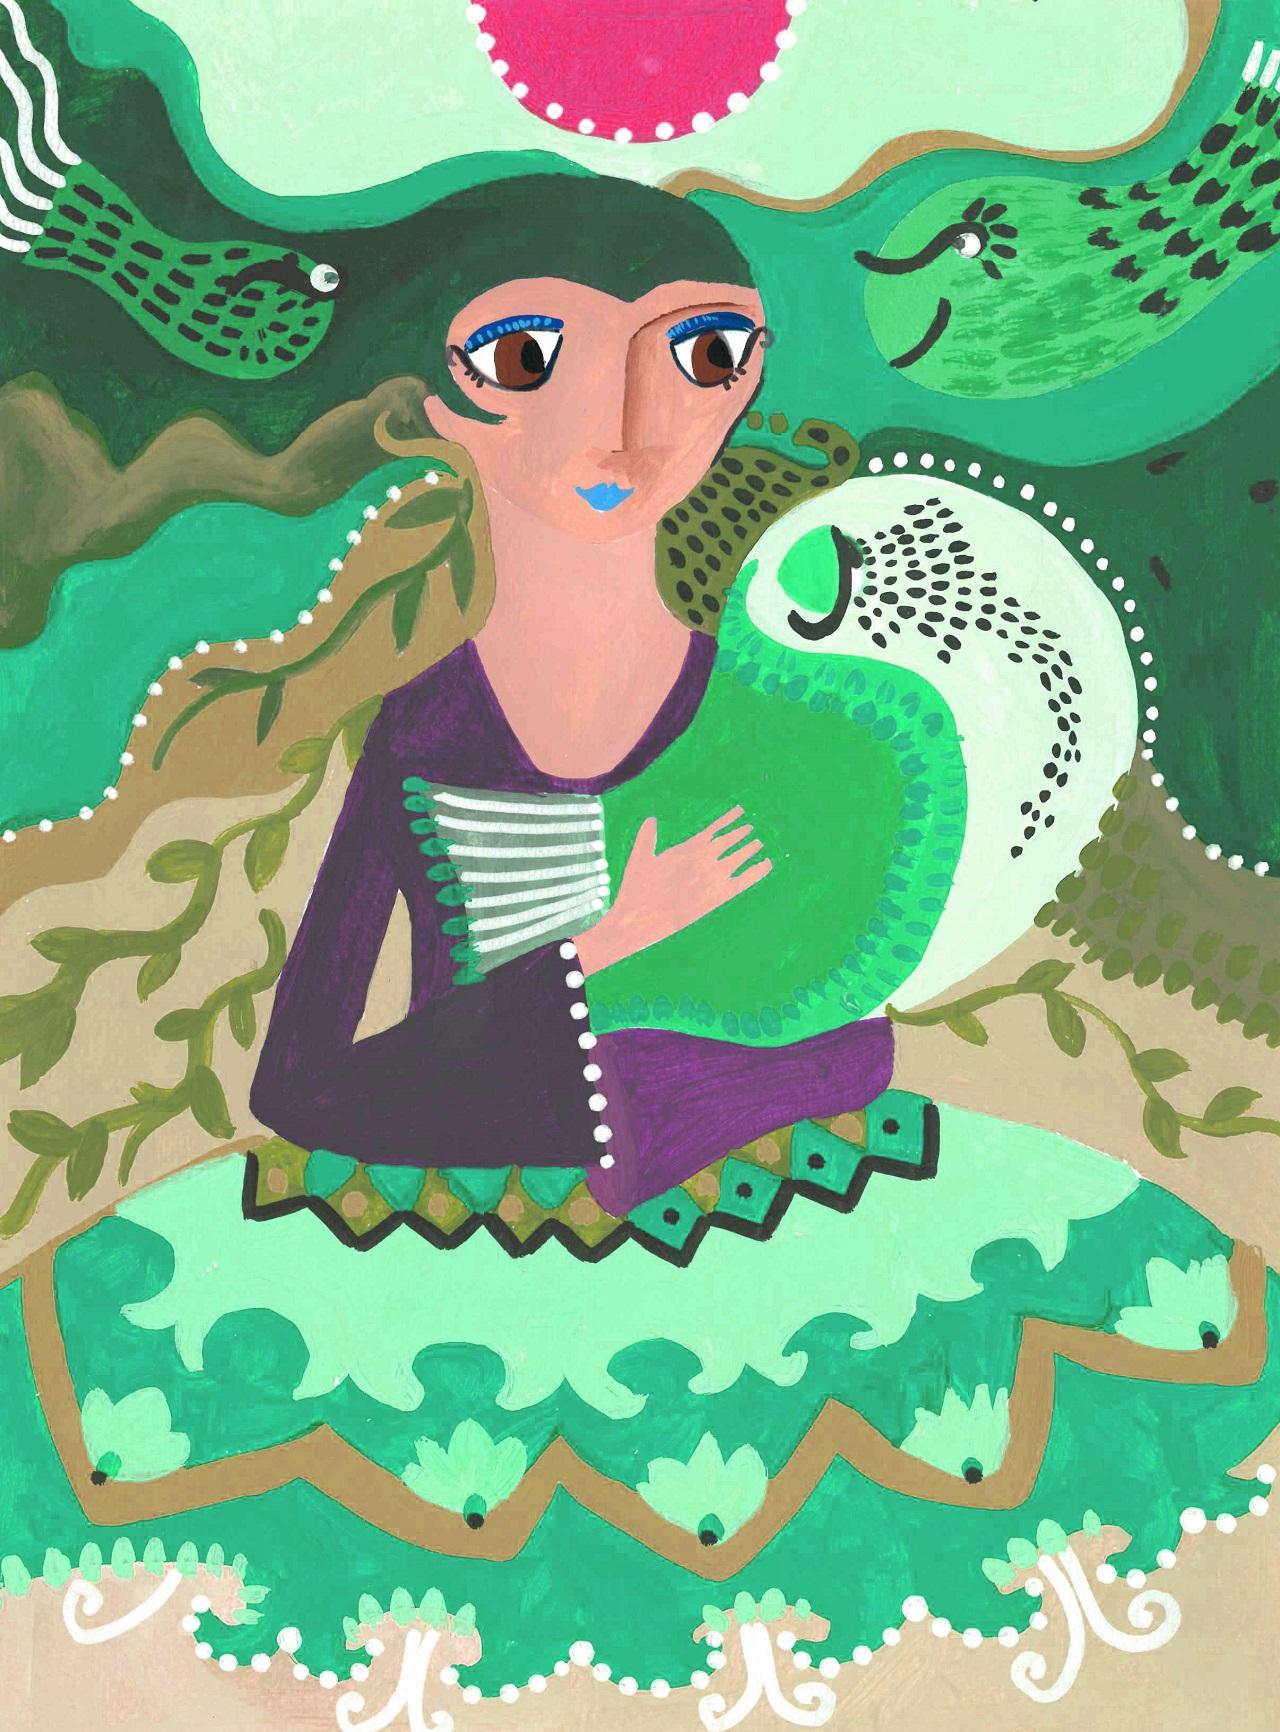 Yaratmak kadınların doğasında var: Kadınlar için yaratıcı girişimcilik